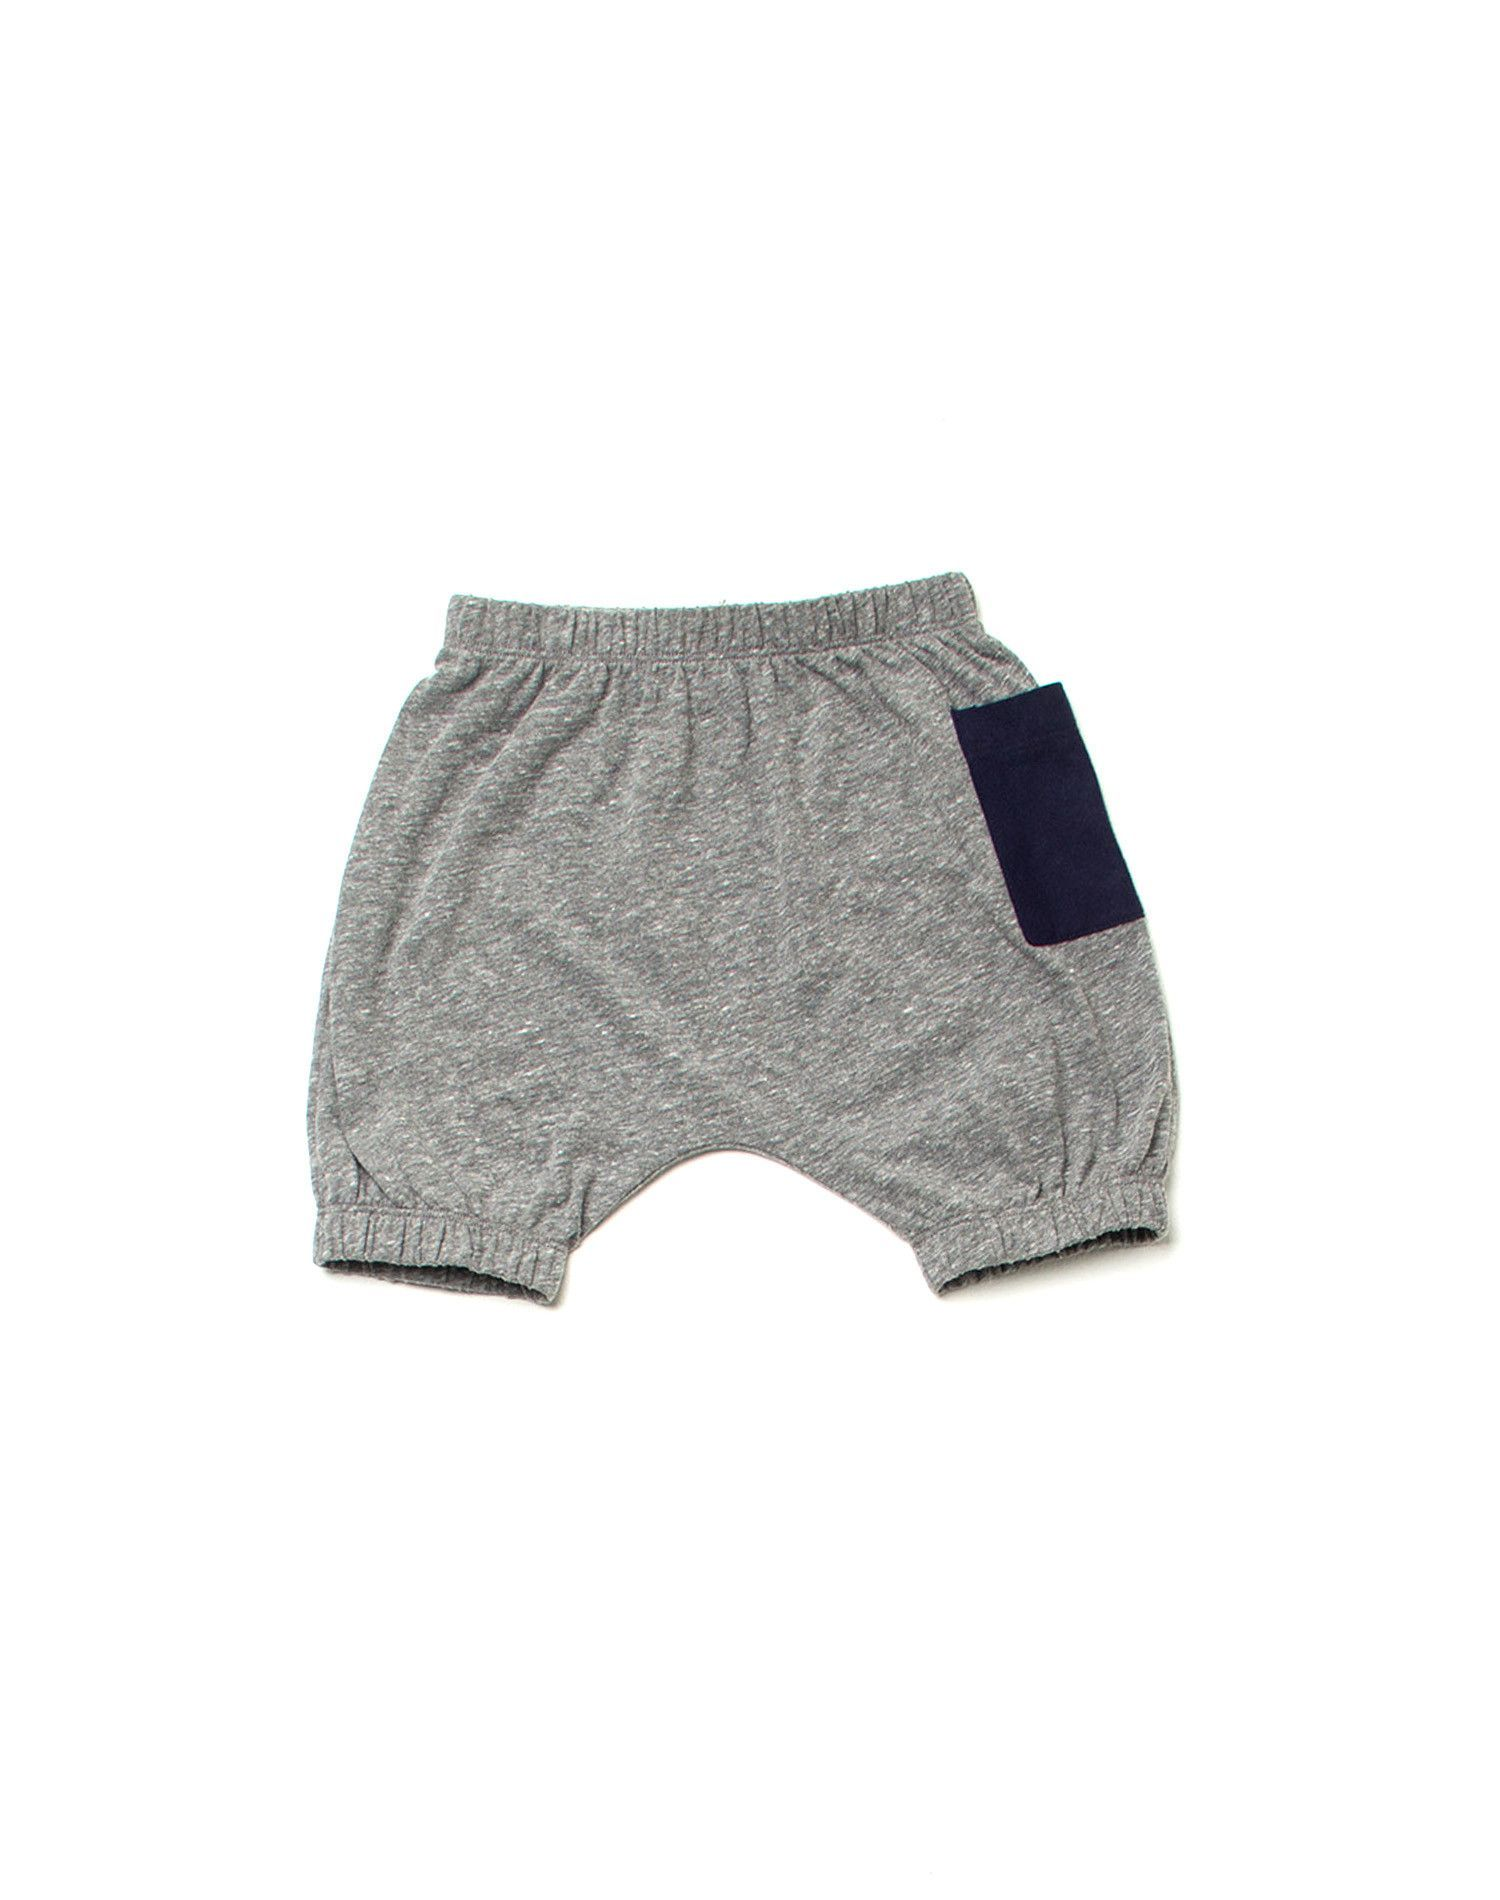 Pippa Shorts - Gray